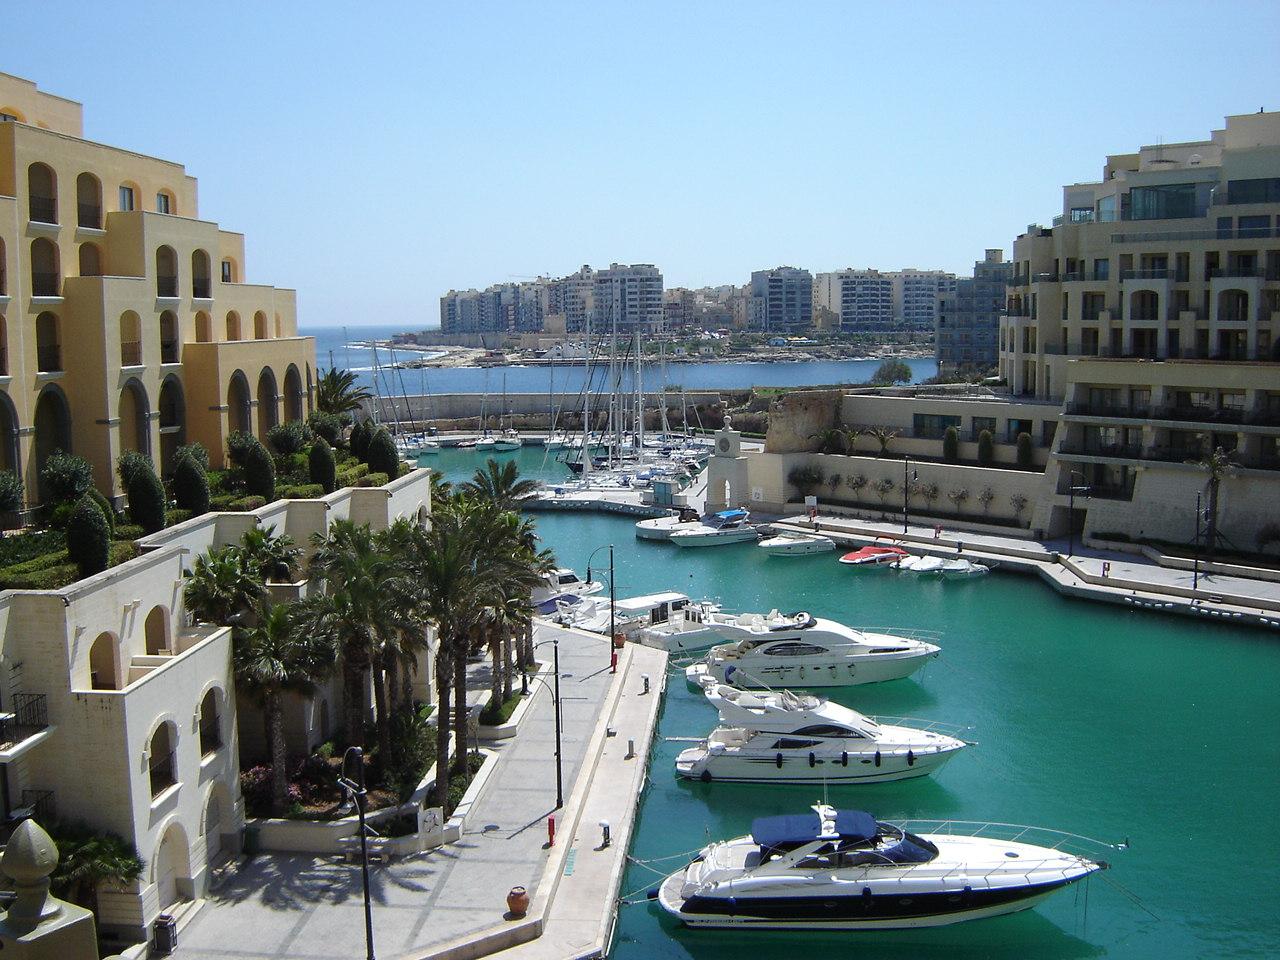 Malta Hotel San Antonio